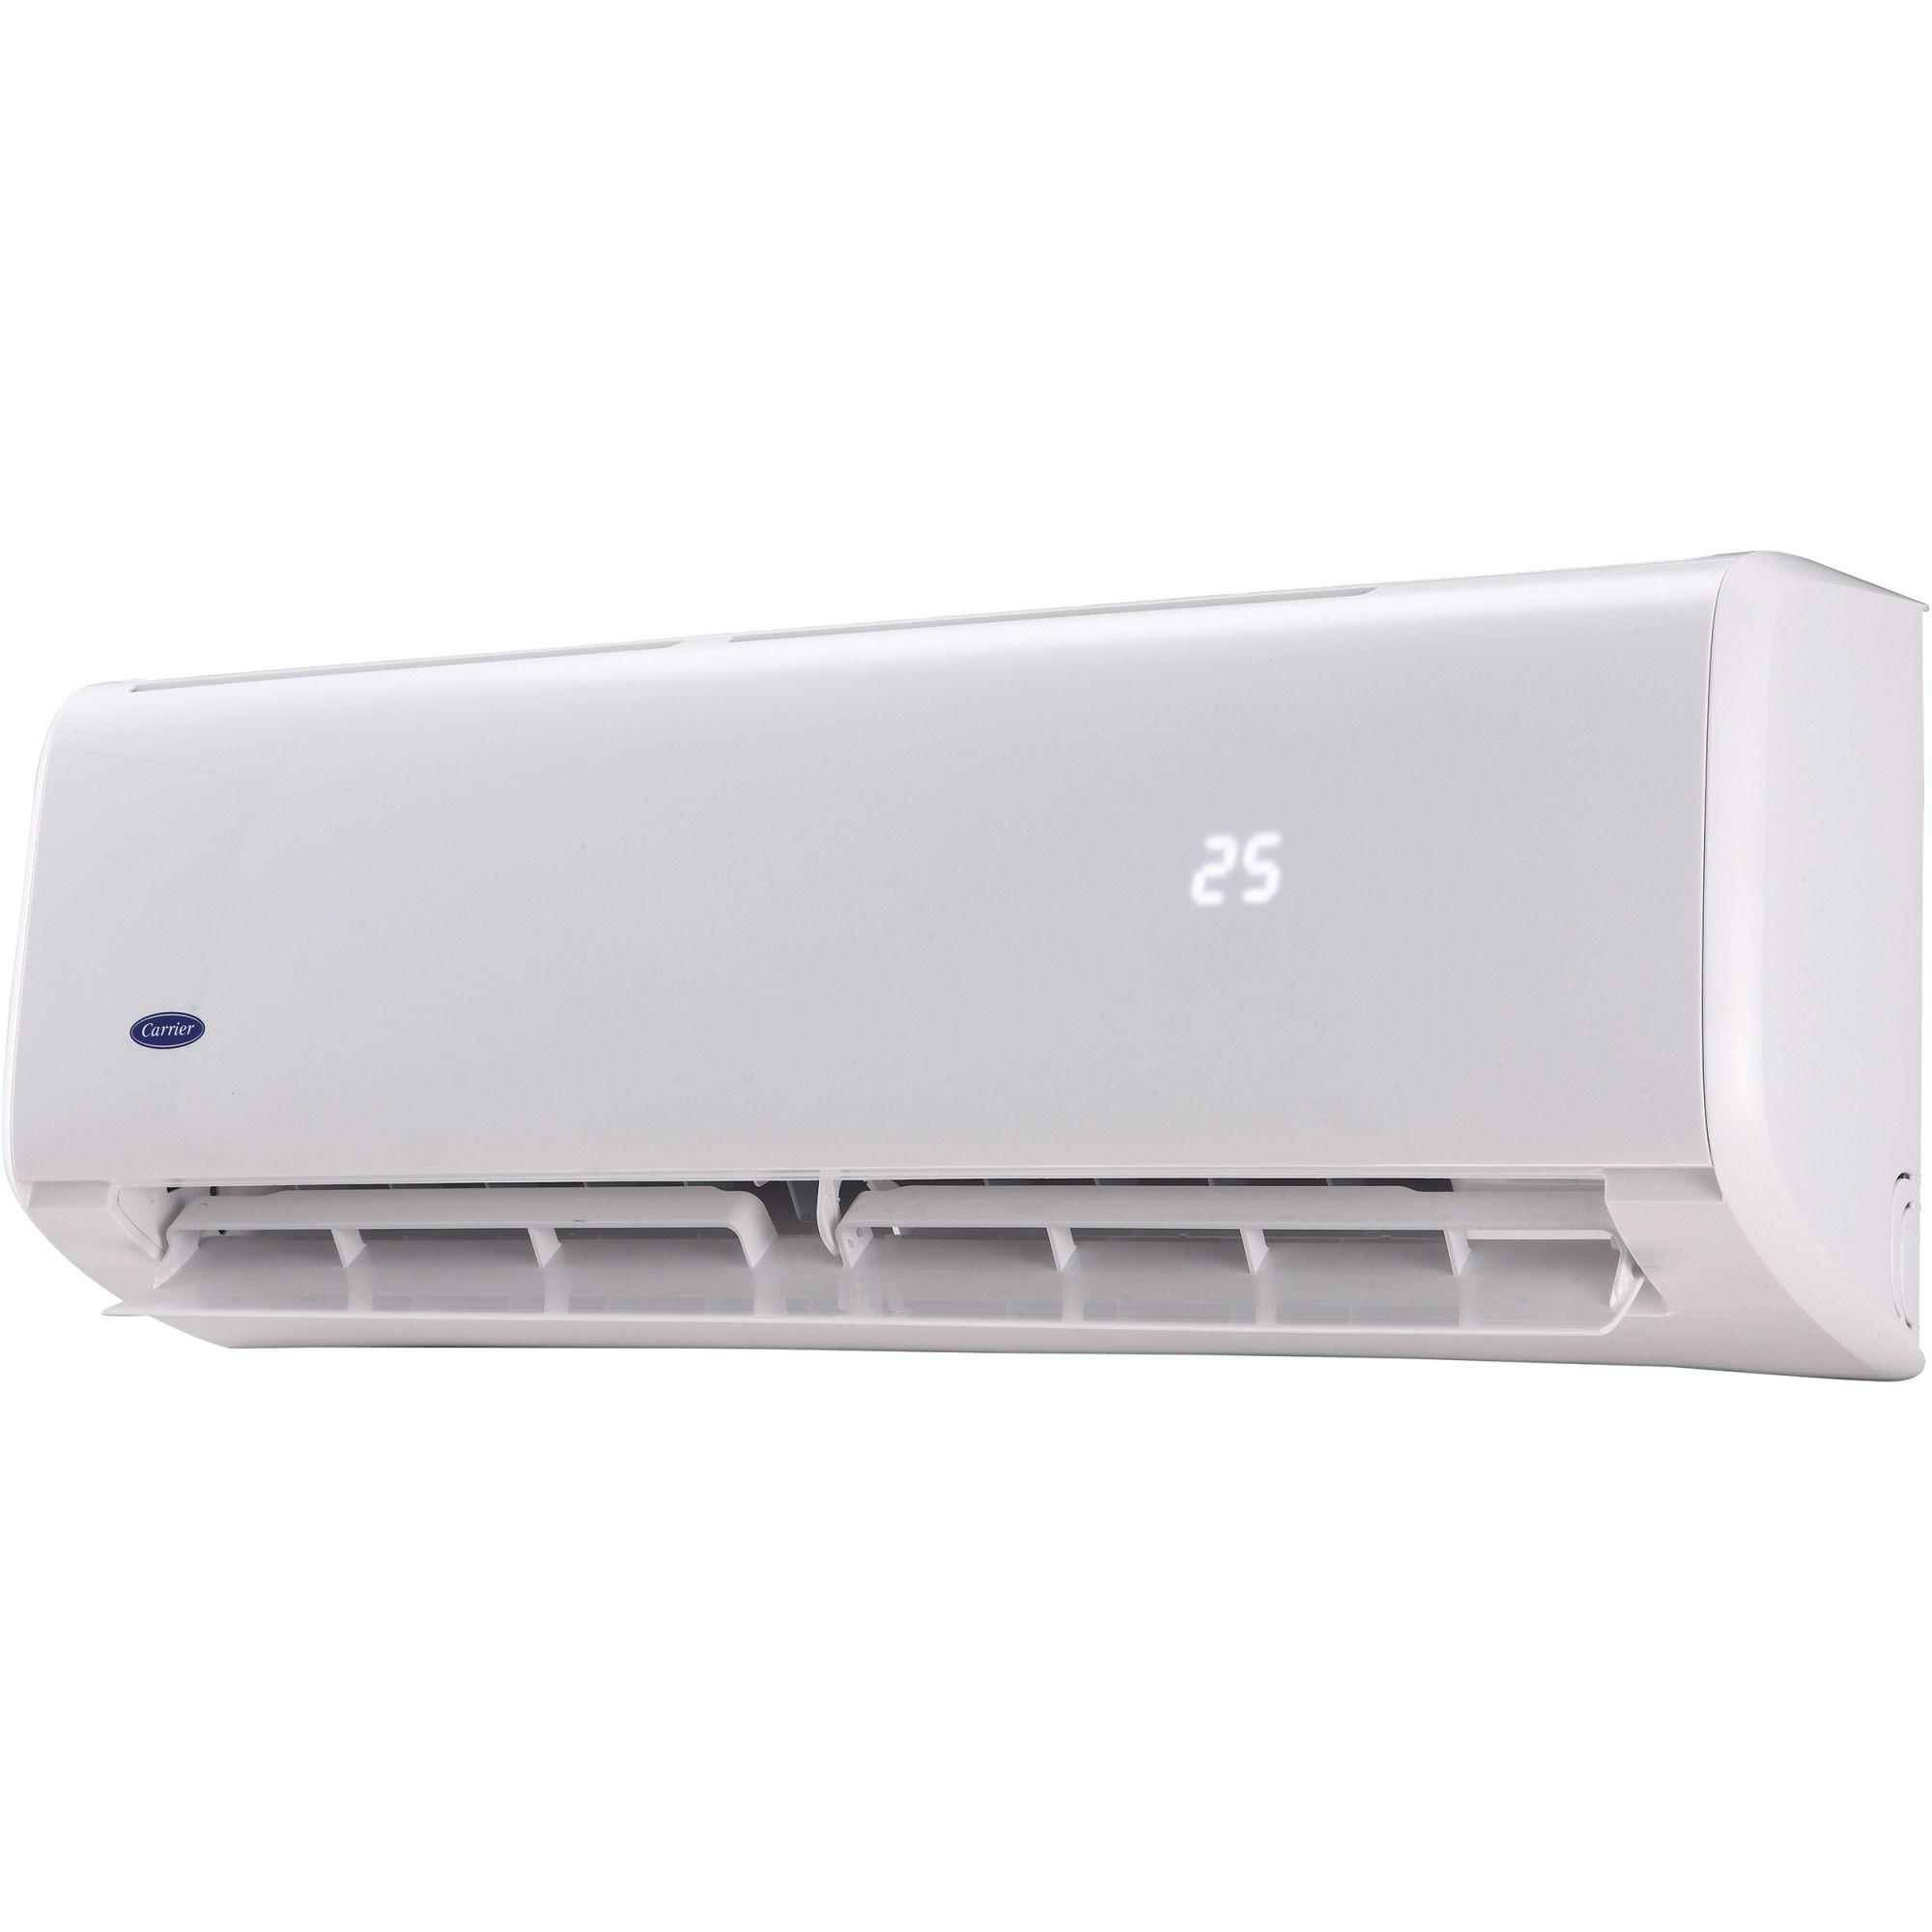 Carrier Ventus Supreme Wi-Fi, 18000 BTU